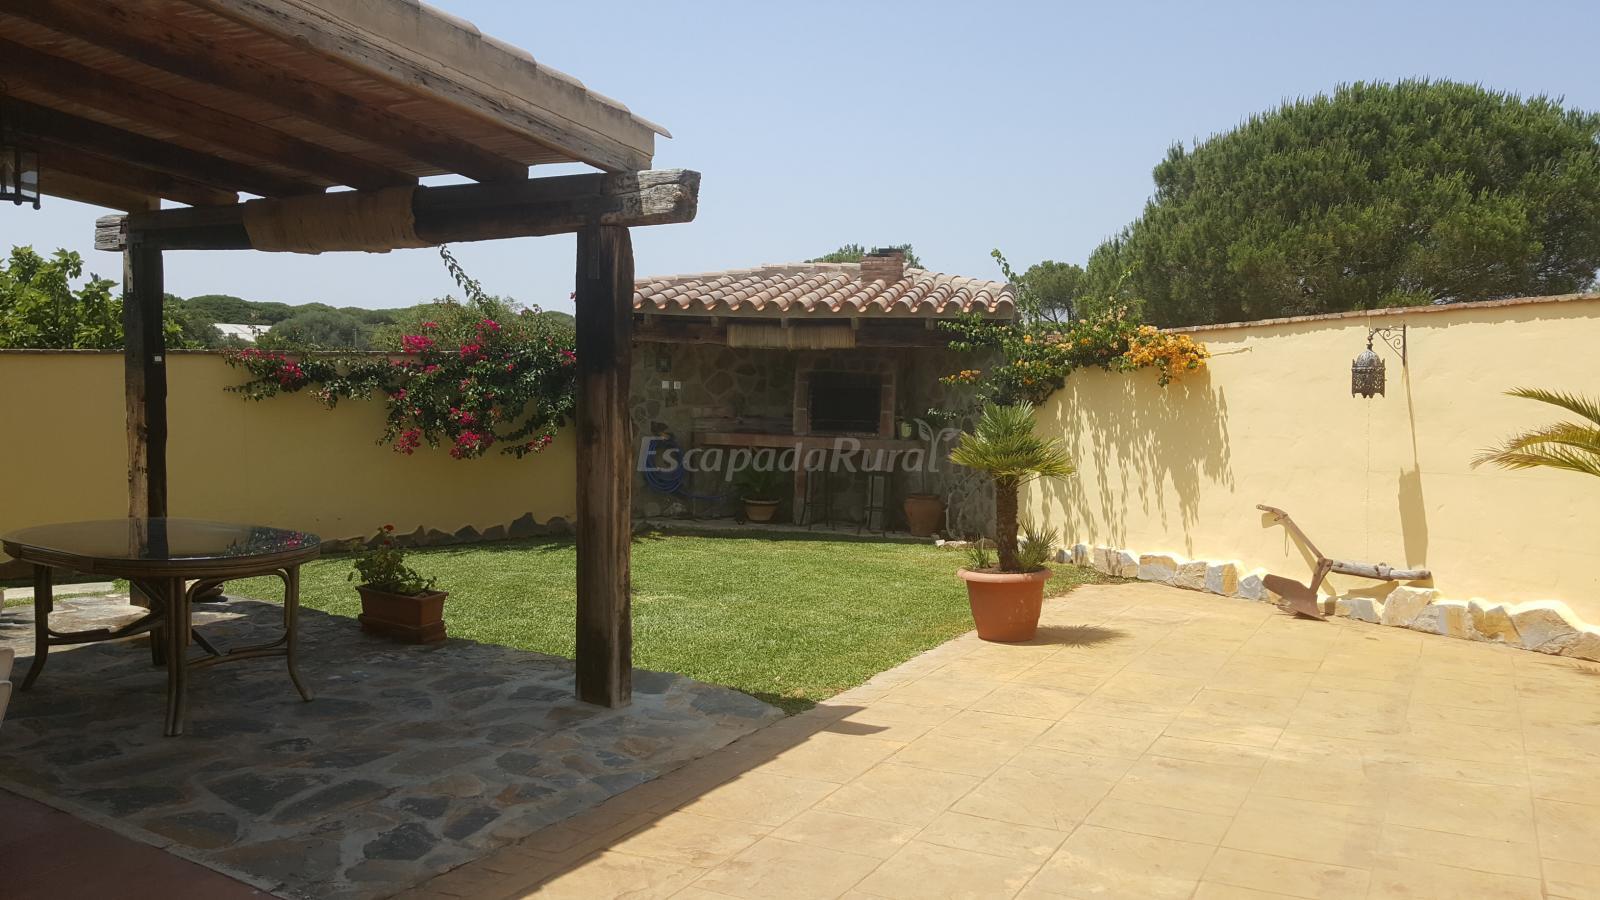 Fotos de casa nueva casa rural en vejer de la frontera c diz - Casa rural vejer de la frontera ...